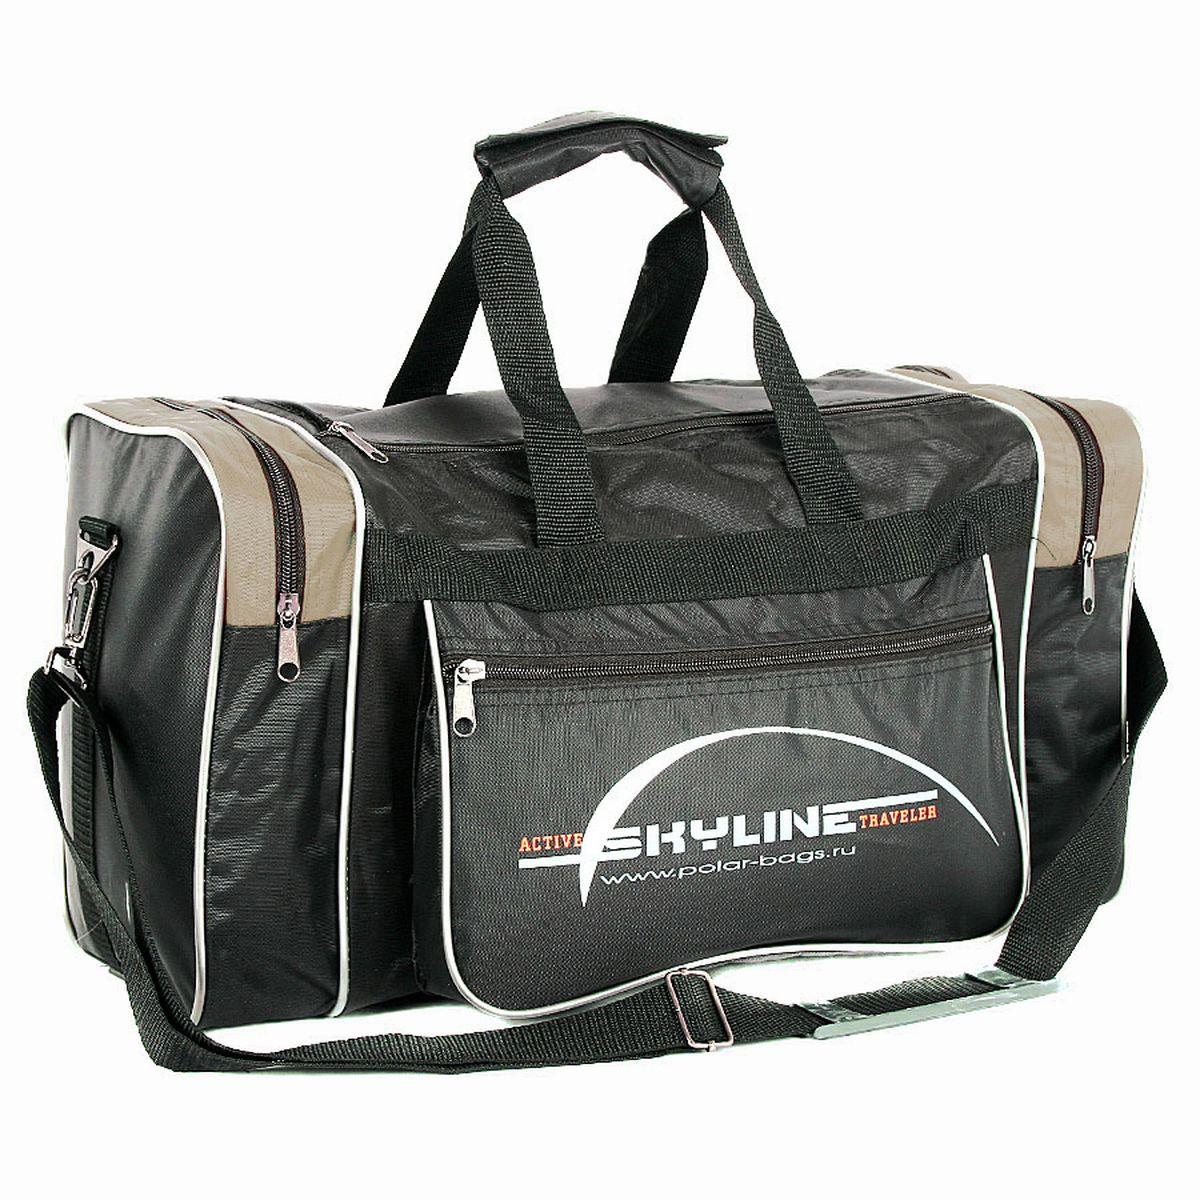 Сумка спортивная Polar, цвет: черный, бежевый, 23 л. 60096009_черный, бежевыйМатериал – полиэстер с водоотталкивающей пропиткой. Вместительная спортивная сумка среднего размера. Одно отделение. Два боковых кармана и два кармана на передней части. В комплект входит съемный плечевой ремень. Эта сумка идеально подойдет для спорта и отдыха. Спортивная сумка для ваших вещей.